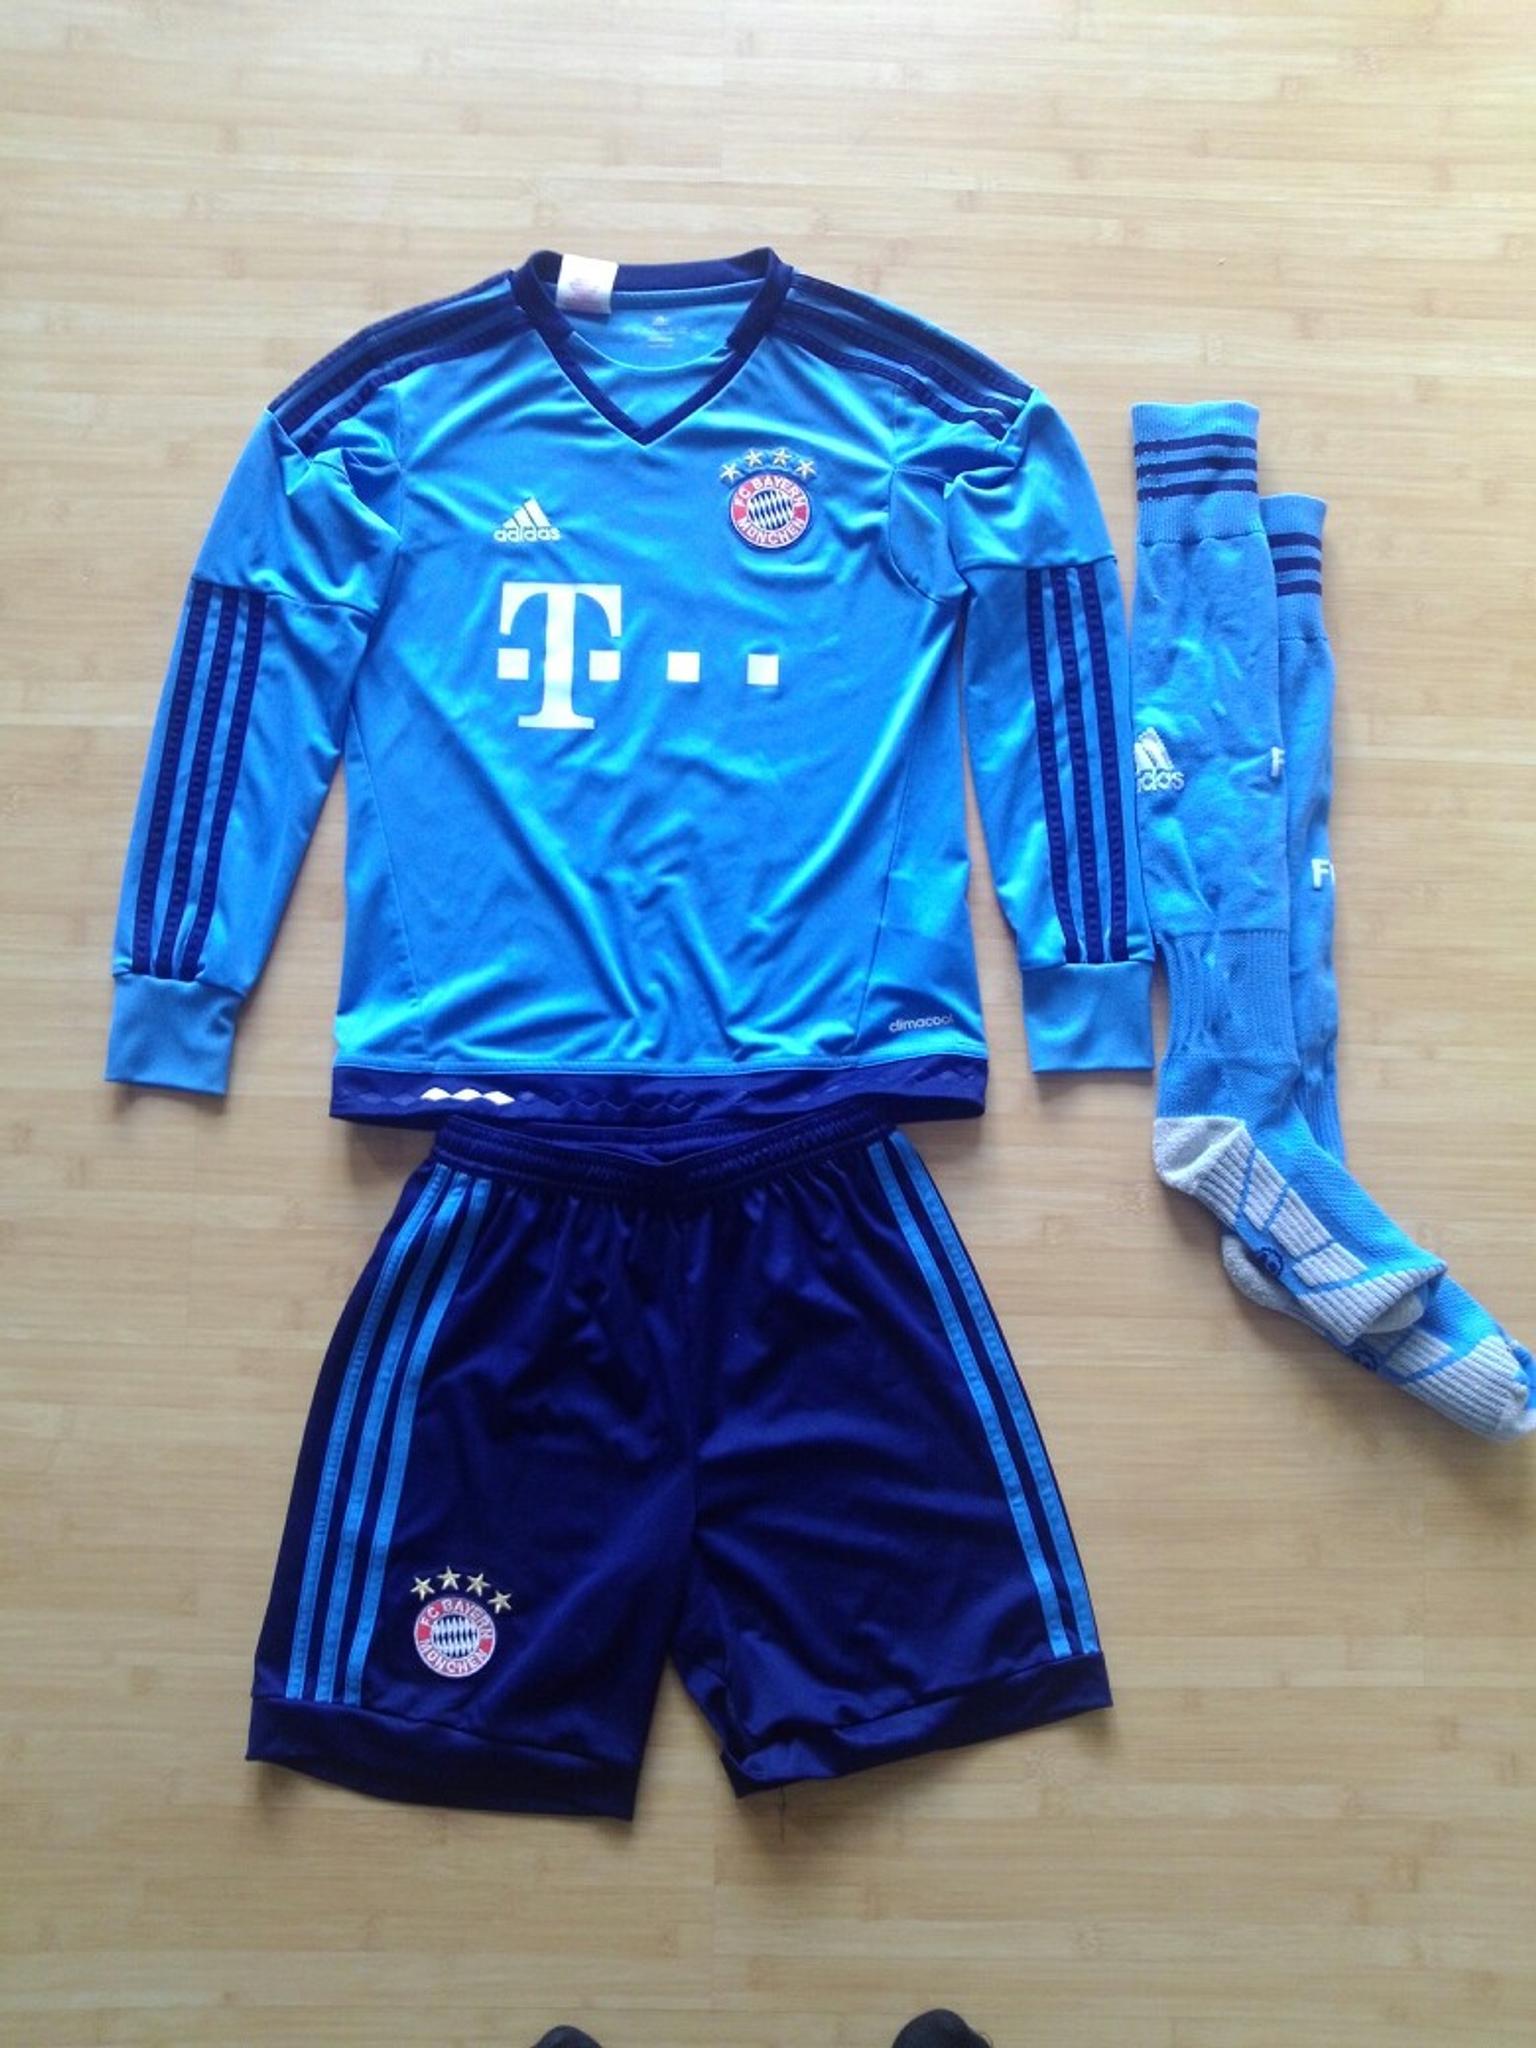 Fcb Manuel Neuer Trikot Hose Stulpen In 64683 Einhausen Fur 60 00 Zum Verkauf Shpock De